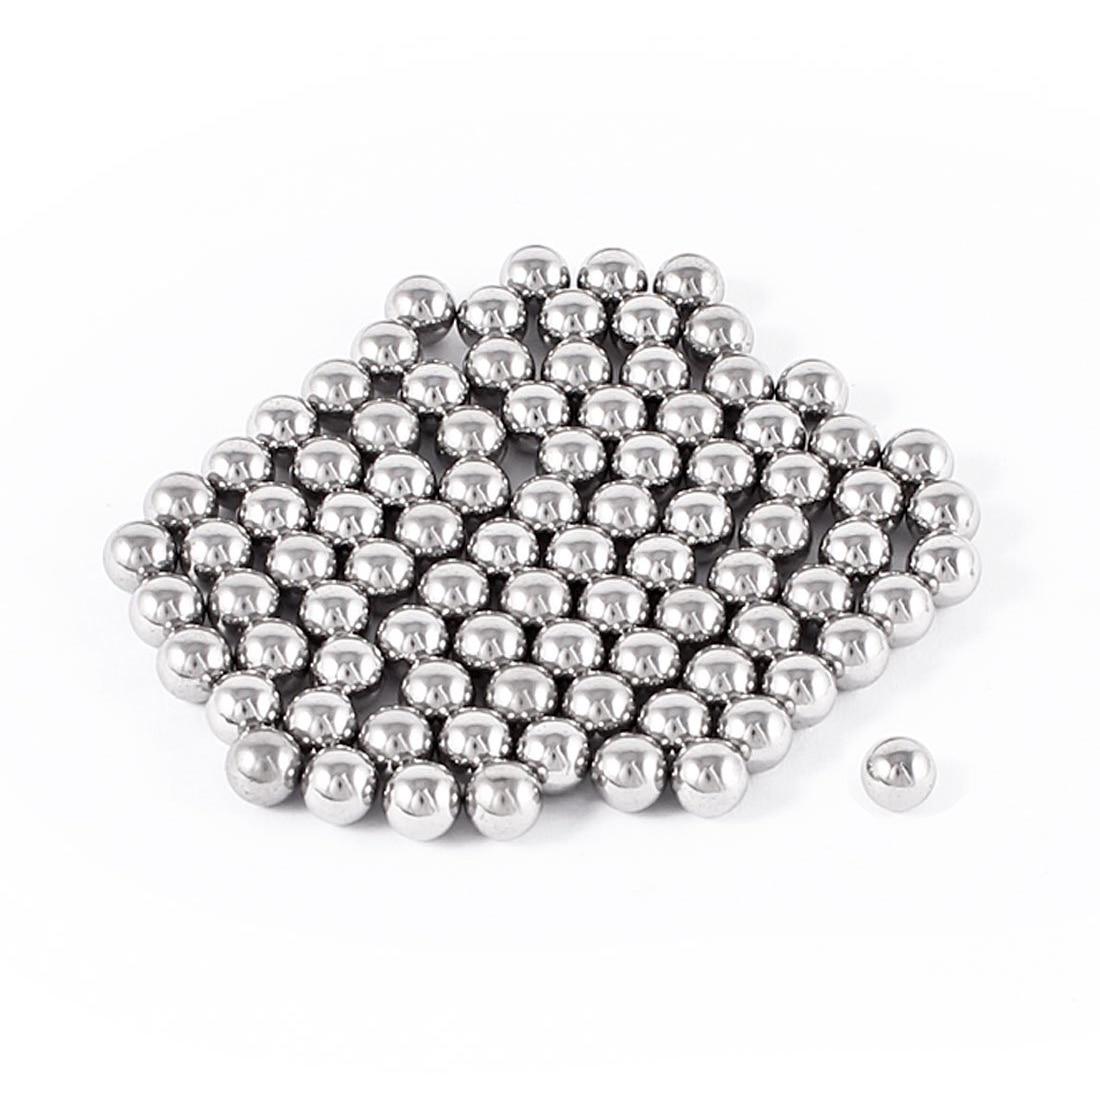 THGS 100 Pcs Bike Bicycle Wheel Bearing Steel Balls 7mm Diameter imc hot 100 pcs bicycle replacement silver tone steel bearing ball 6mm diameter